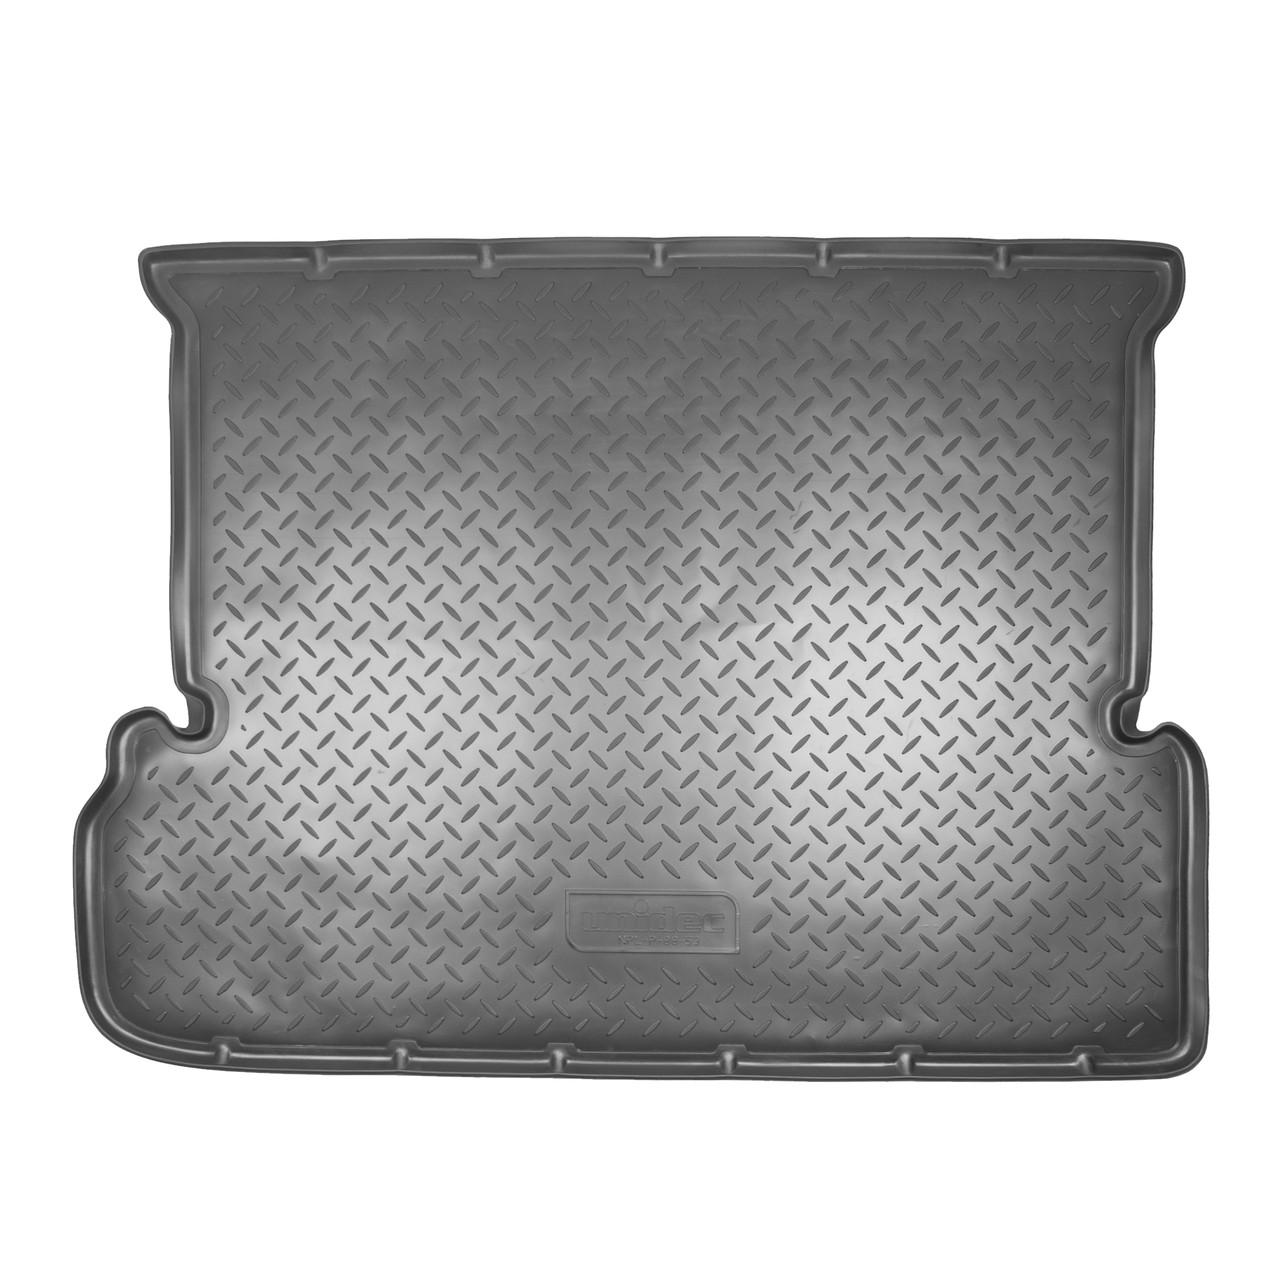 Коврик в багажник Toyota Land Cruiser Prado 150 7 мест (2010-2013)